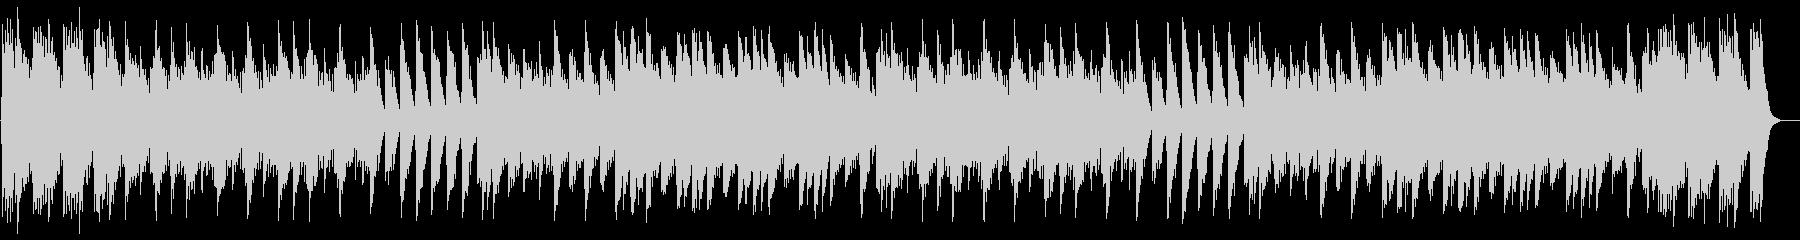 ドリーミーなオルゴールのアルペジオの未再生の波形